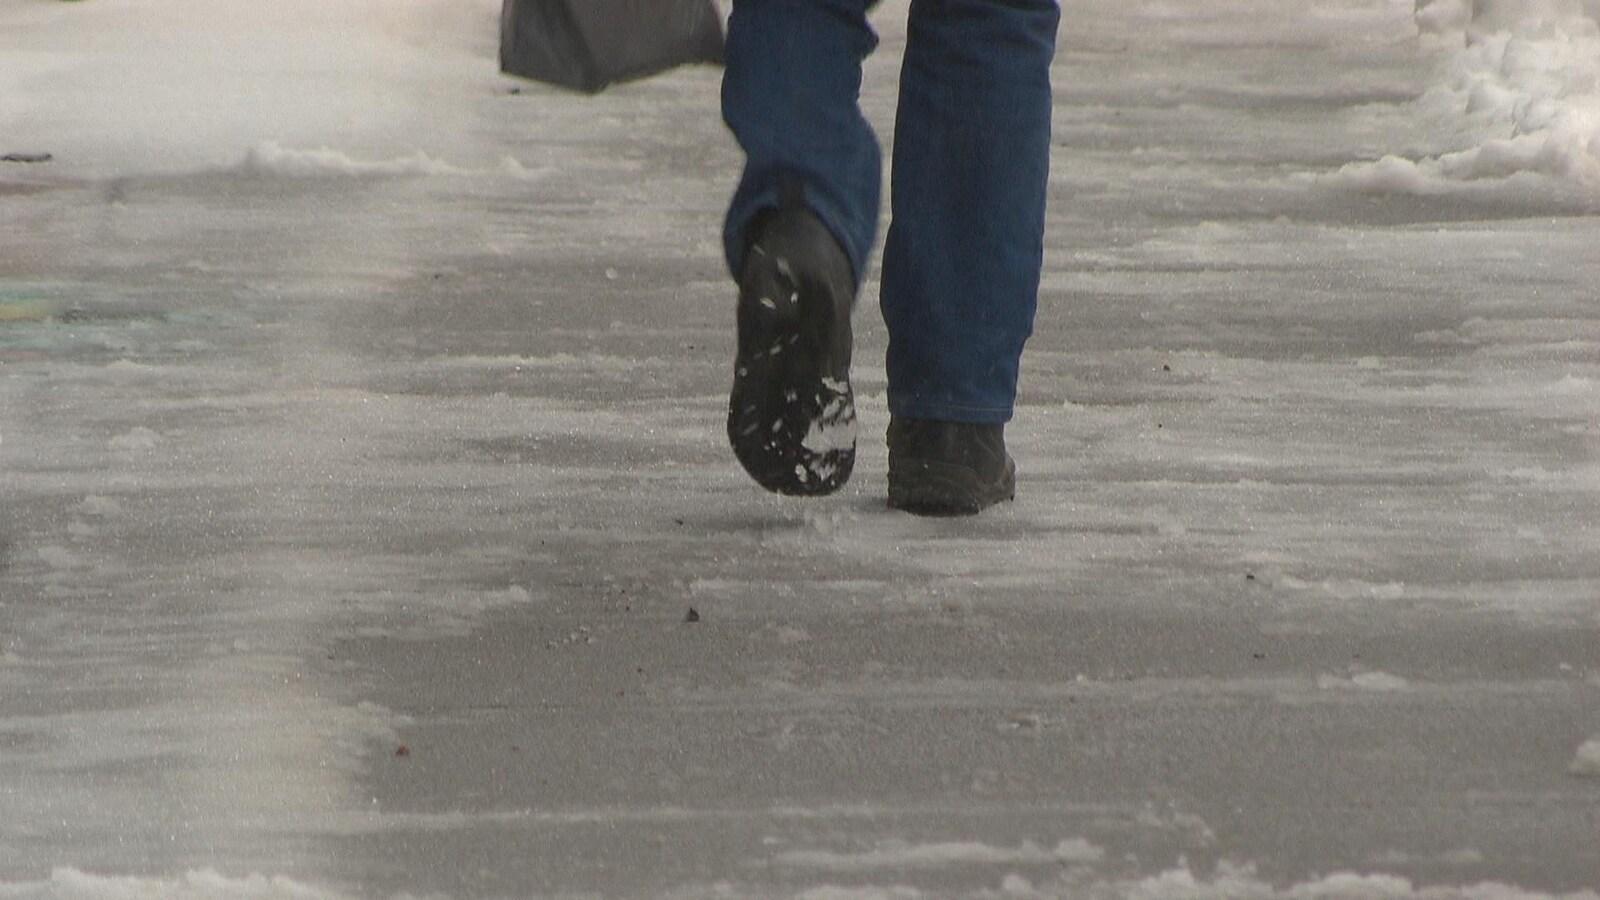 Pieds d'une personne qui marche sur un trottoir glacé